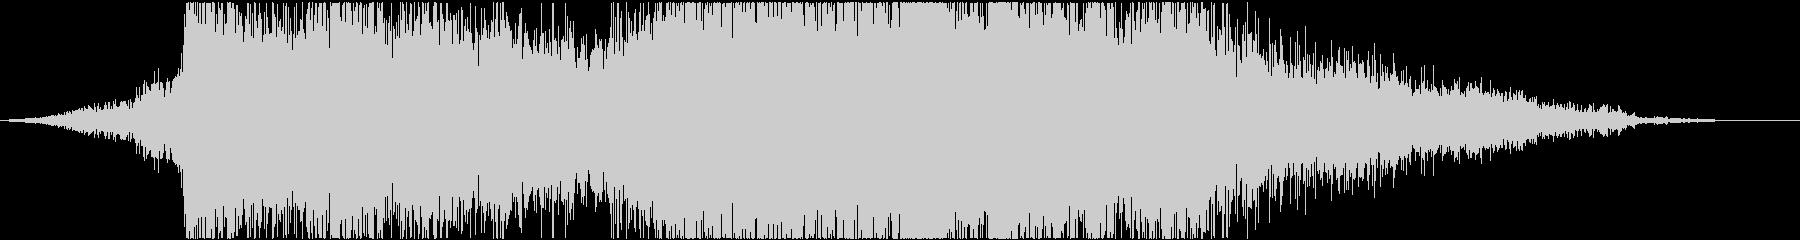 【爆発】 戦場_12 War Zoneの未再生の波形